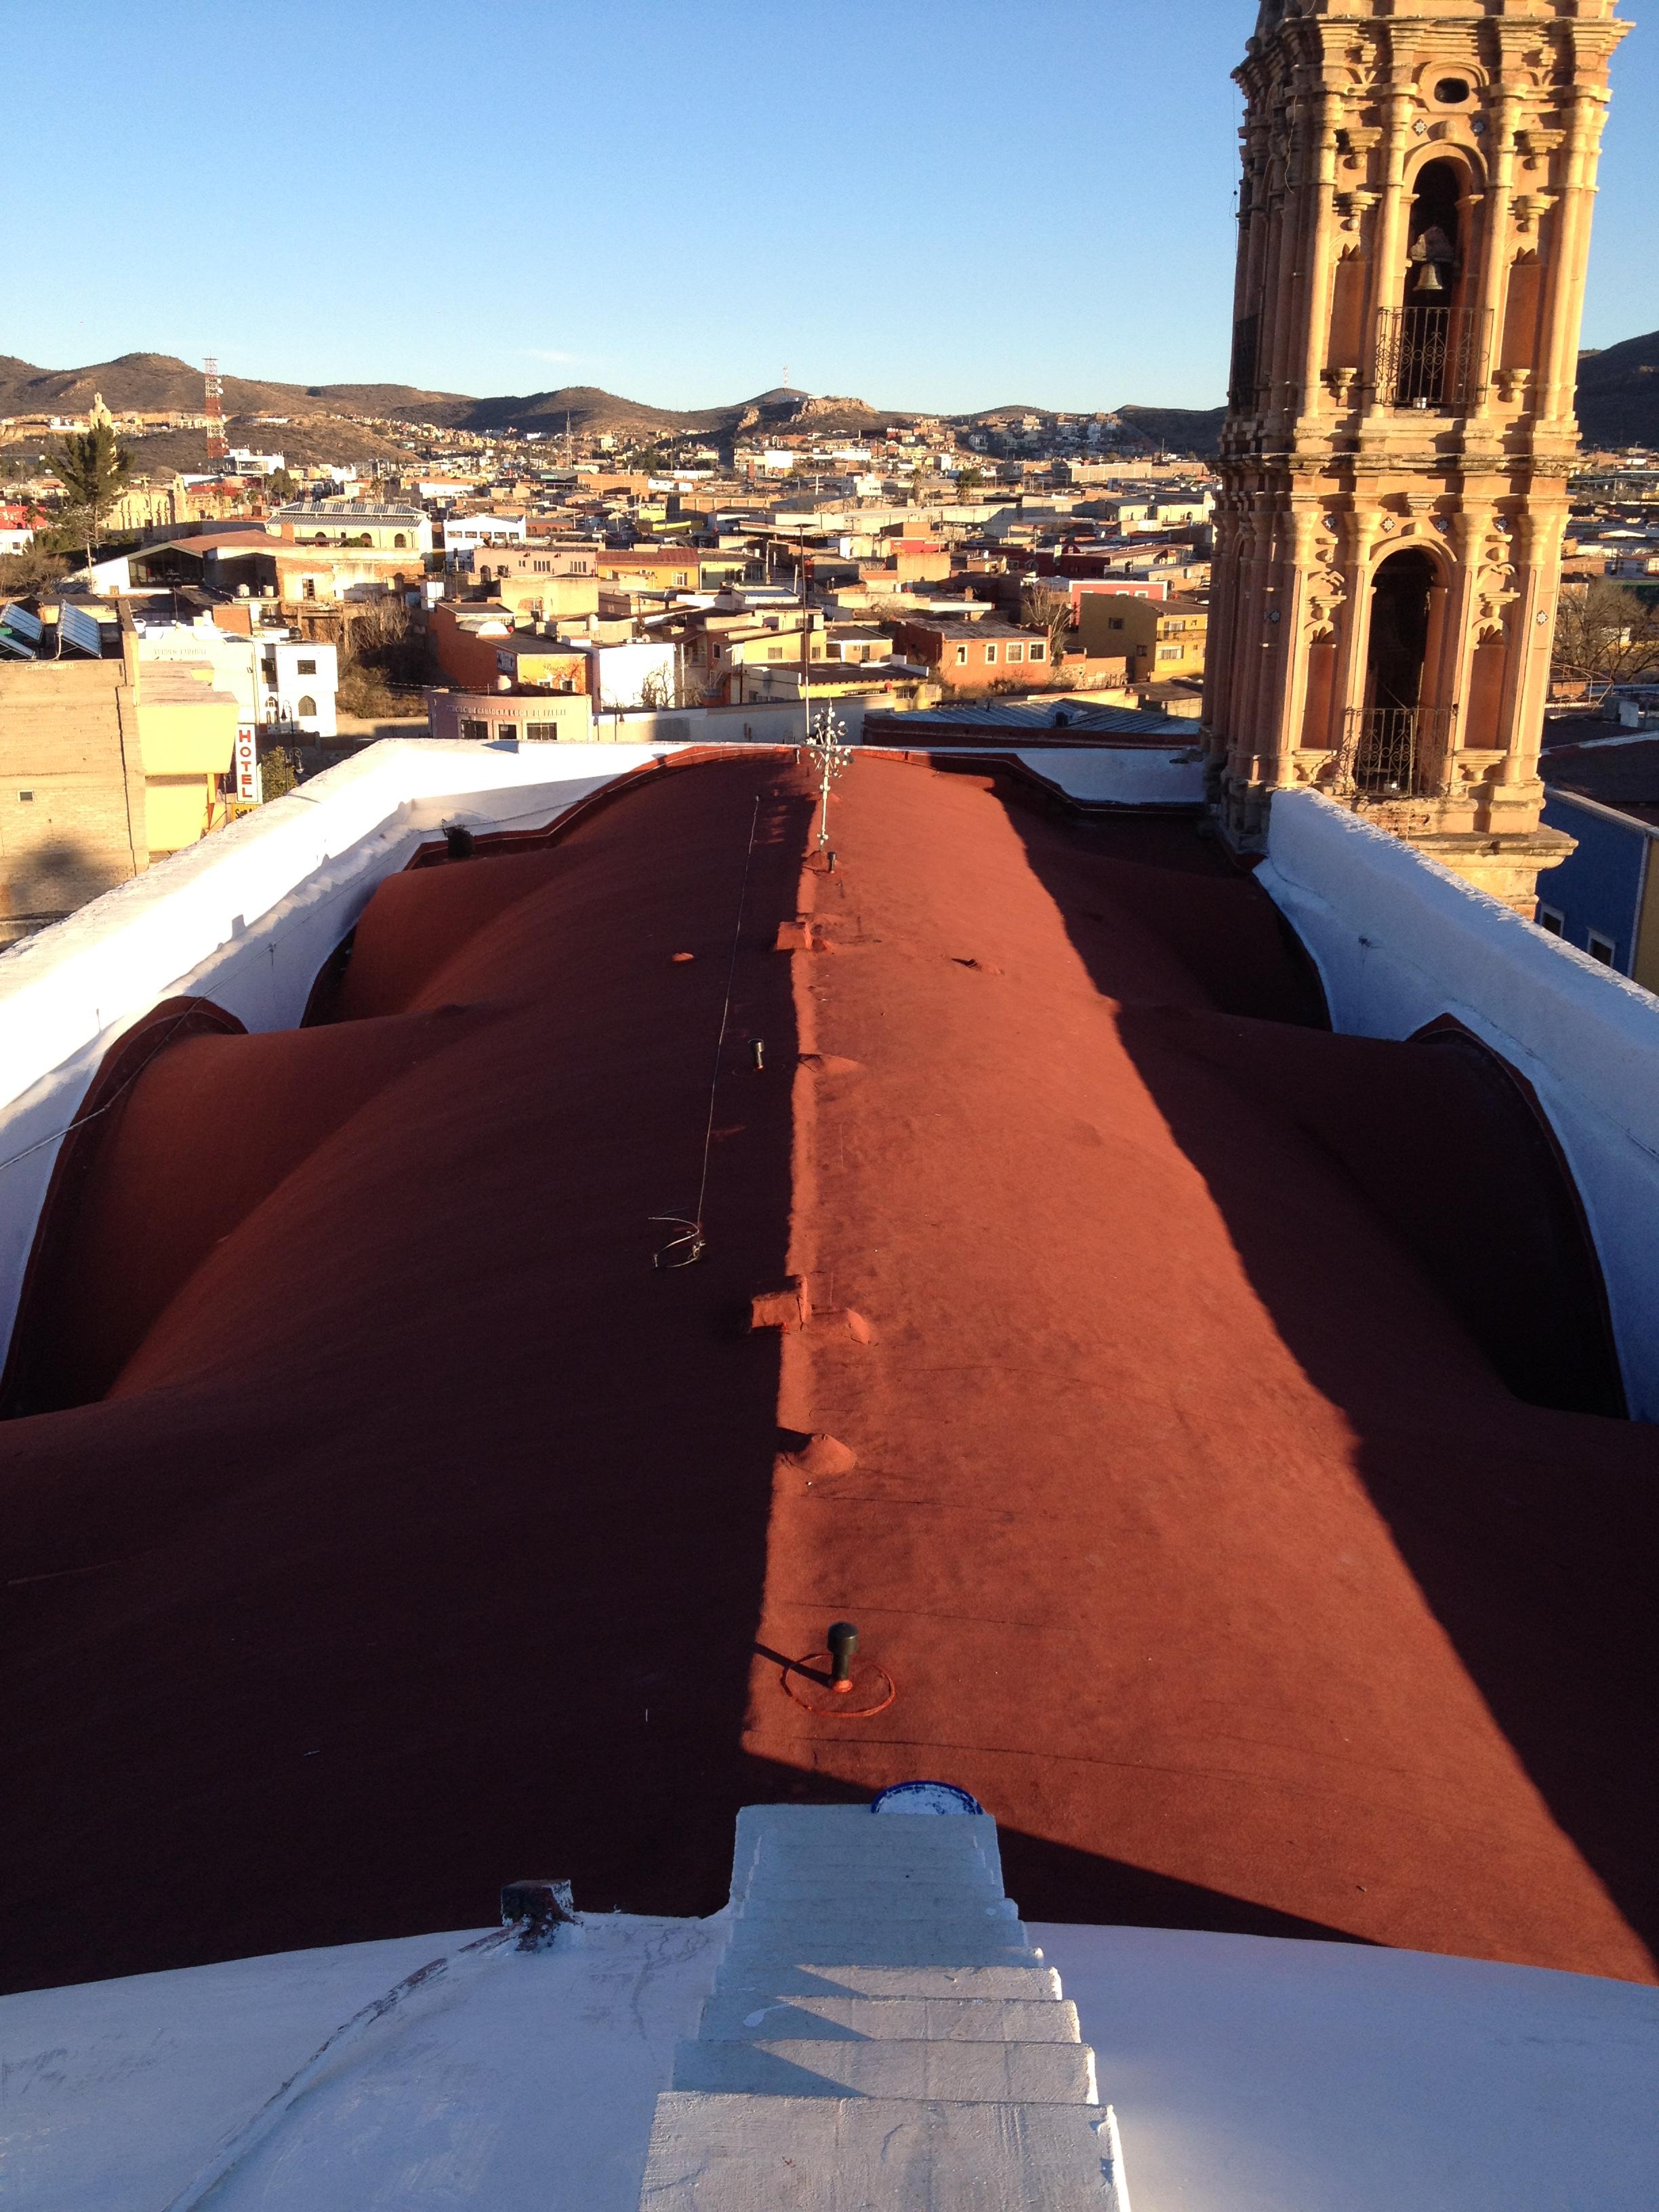 Valle De Zaragoza Centro Inah Chihuahua # Muebles Batista Chihuahua